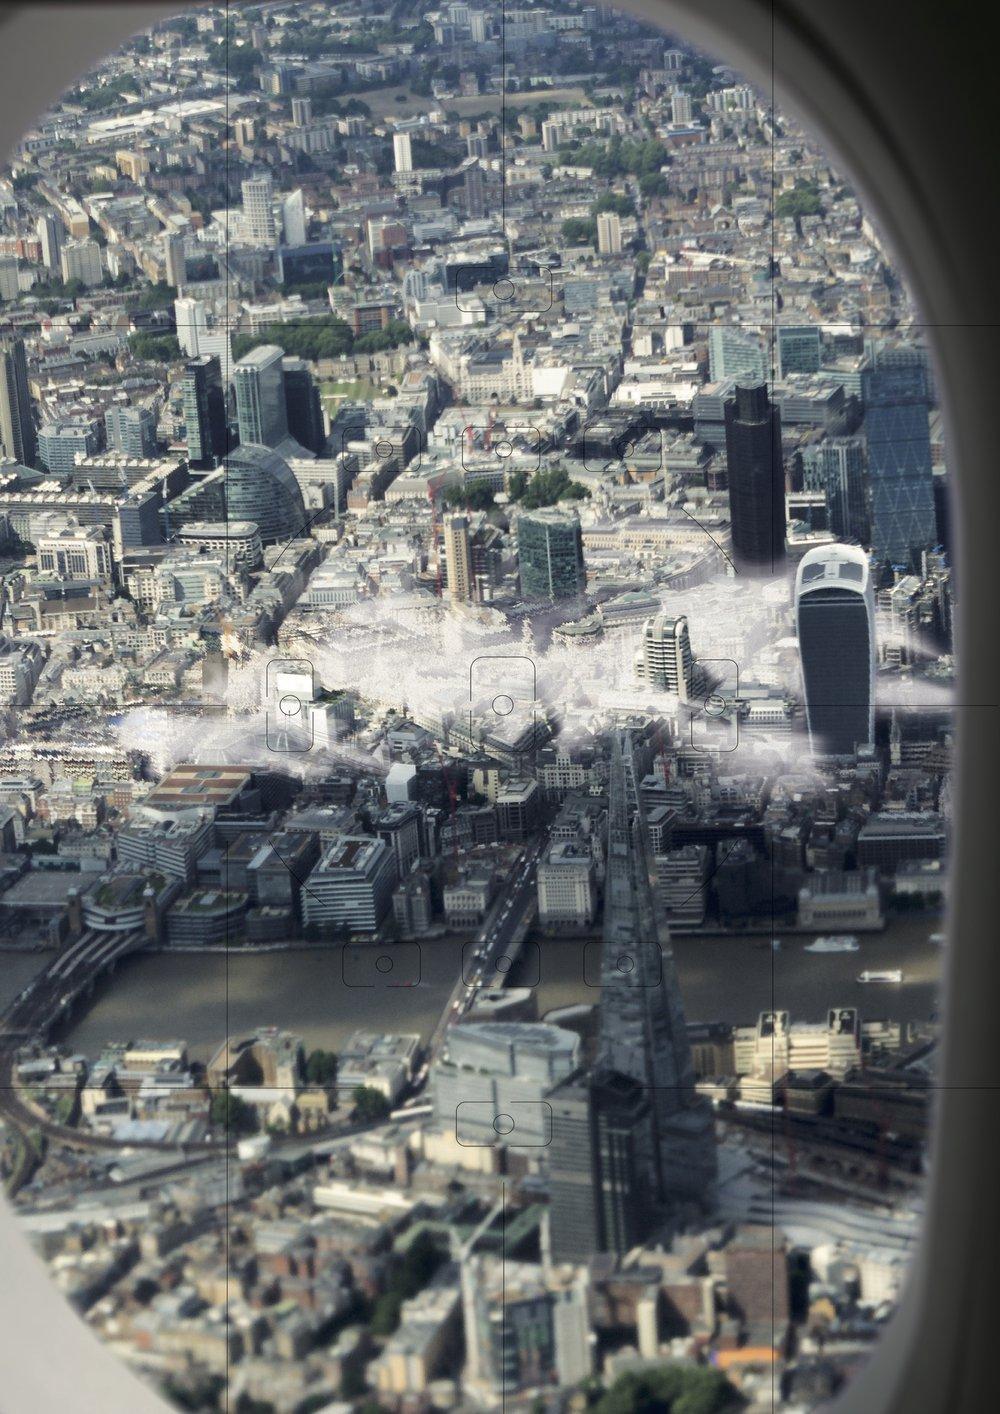 London Heathrow Airport approach